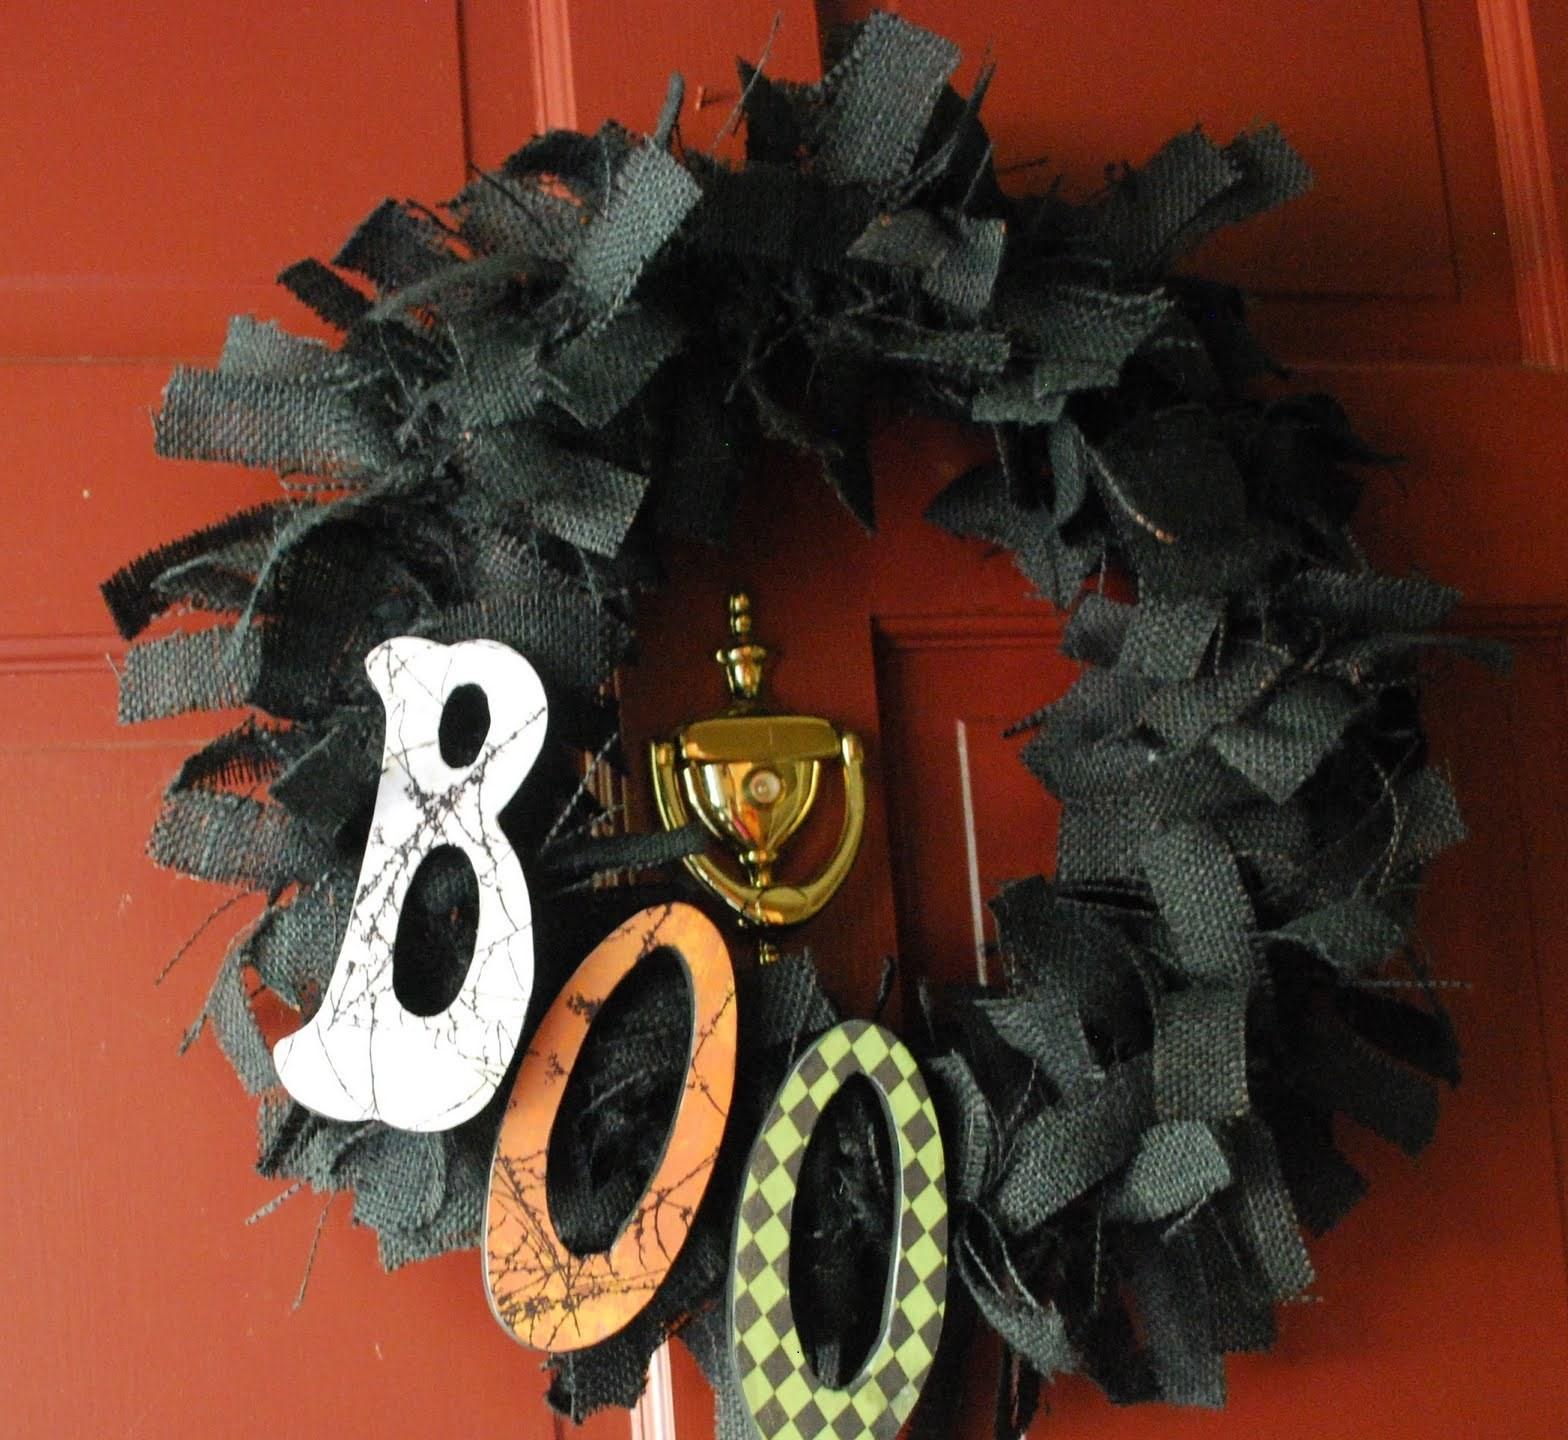 Une jolie banderole en carton BOO pour Halloween -décoration à faire soi-même pour l'Halloween